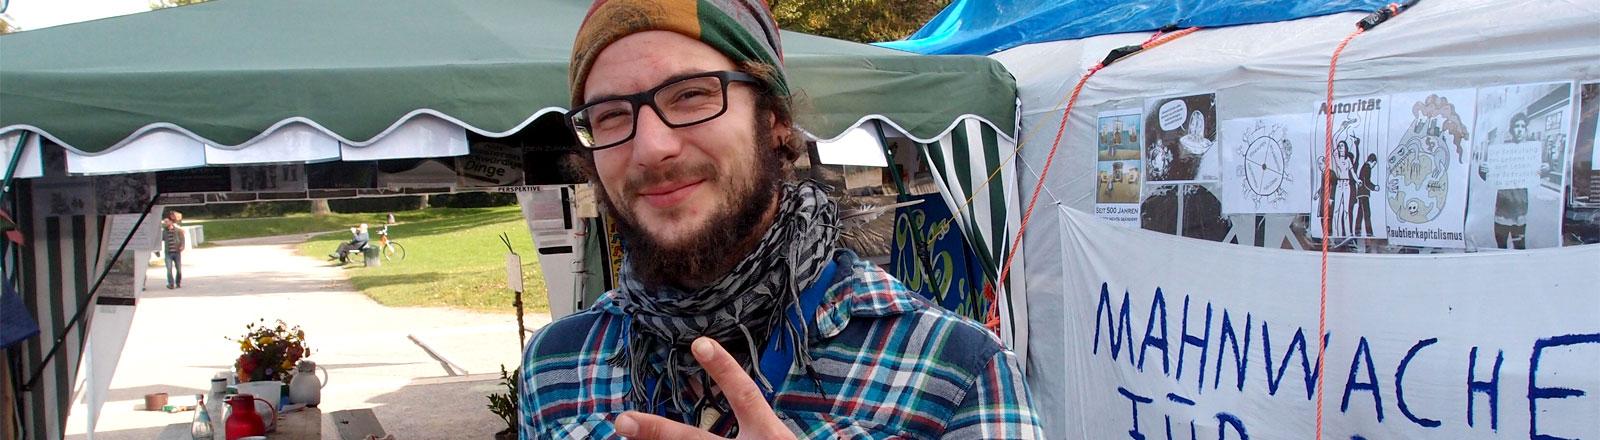 Lars ist Aussteiger und lebt in der Kölner Friedenswerkstatt.